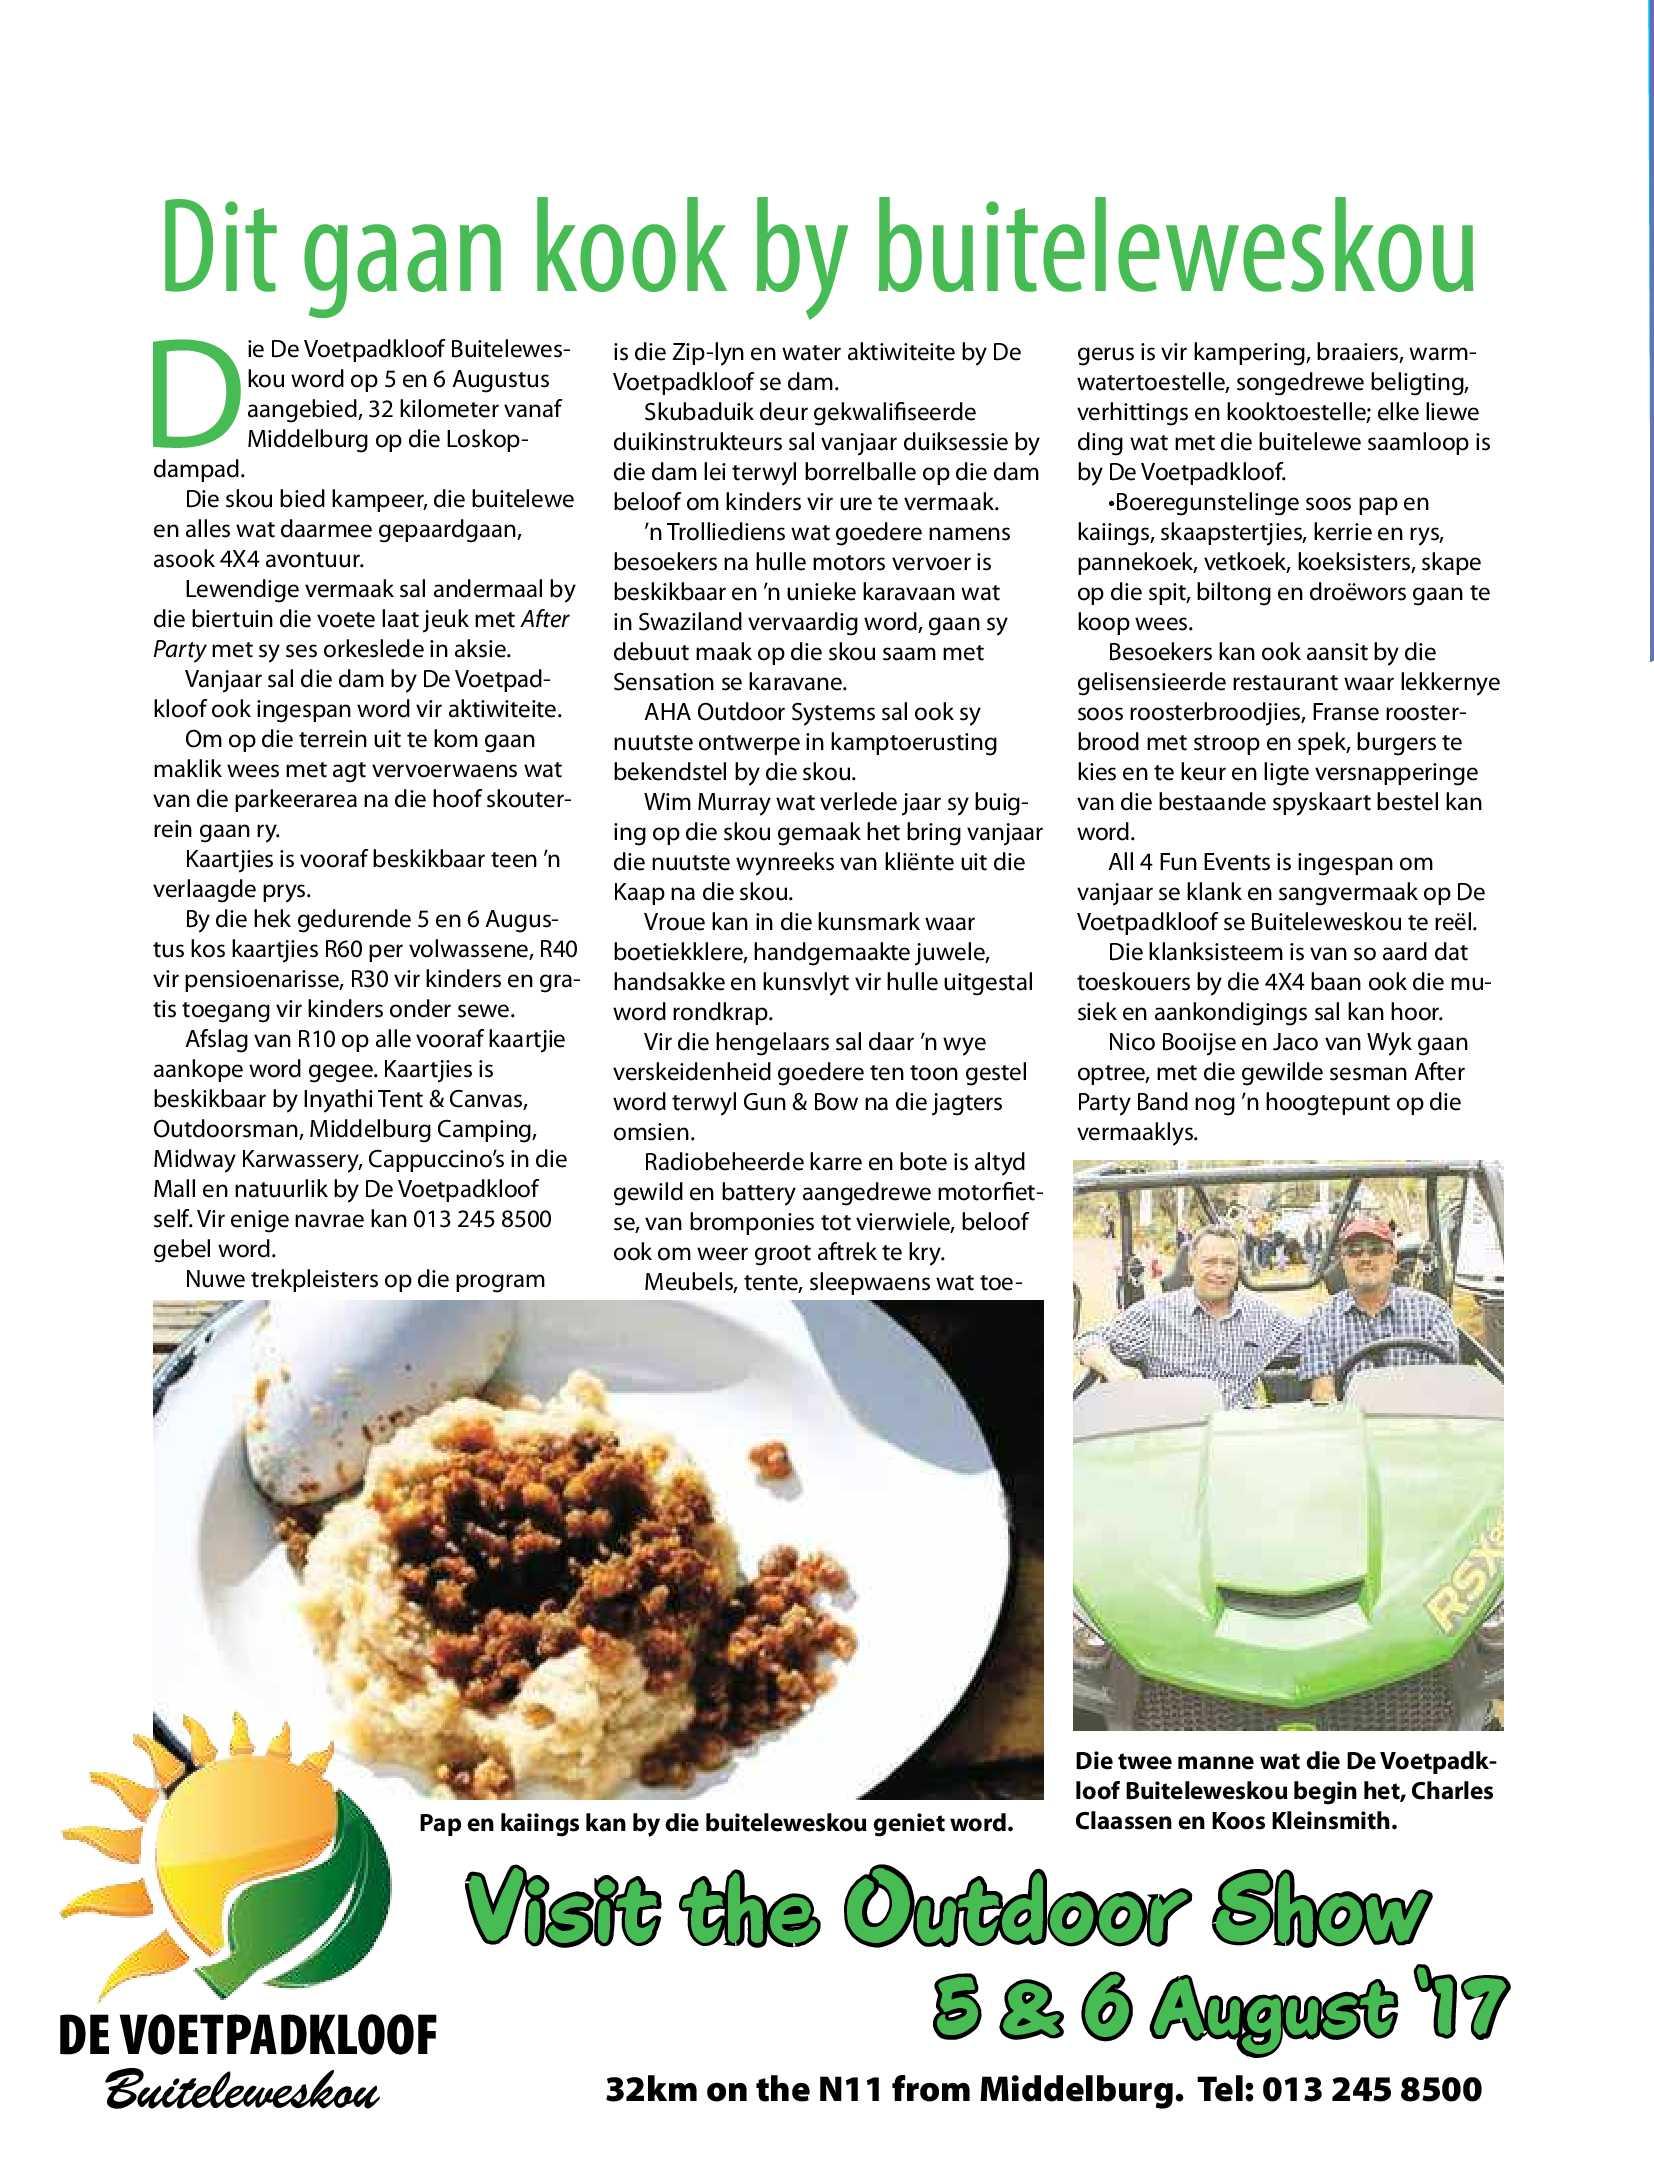 get-middelburg-august-2017-epapers-page-18